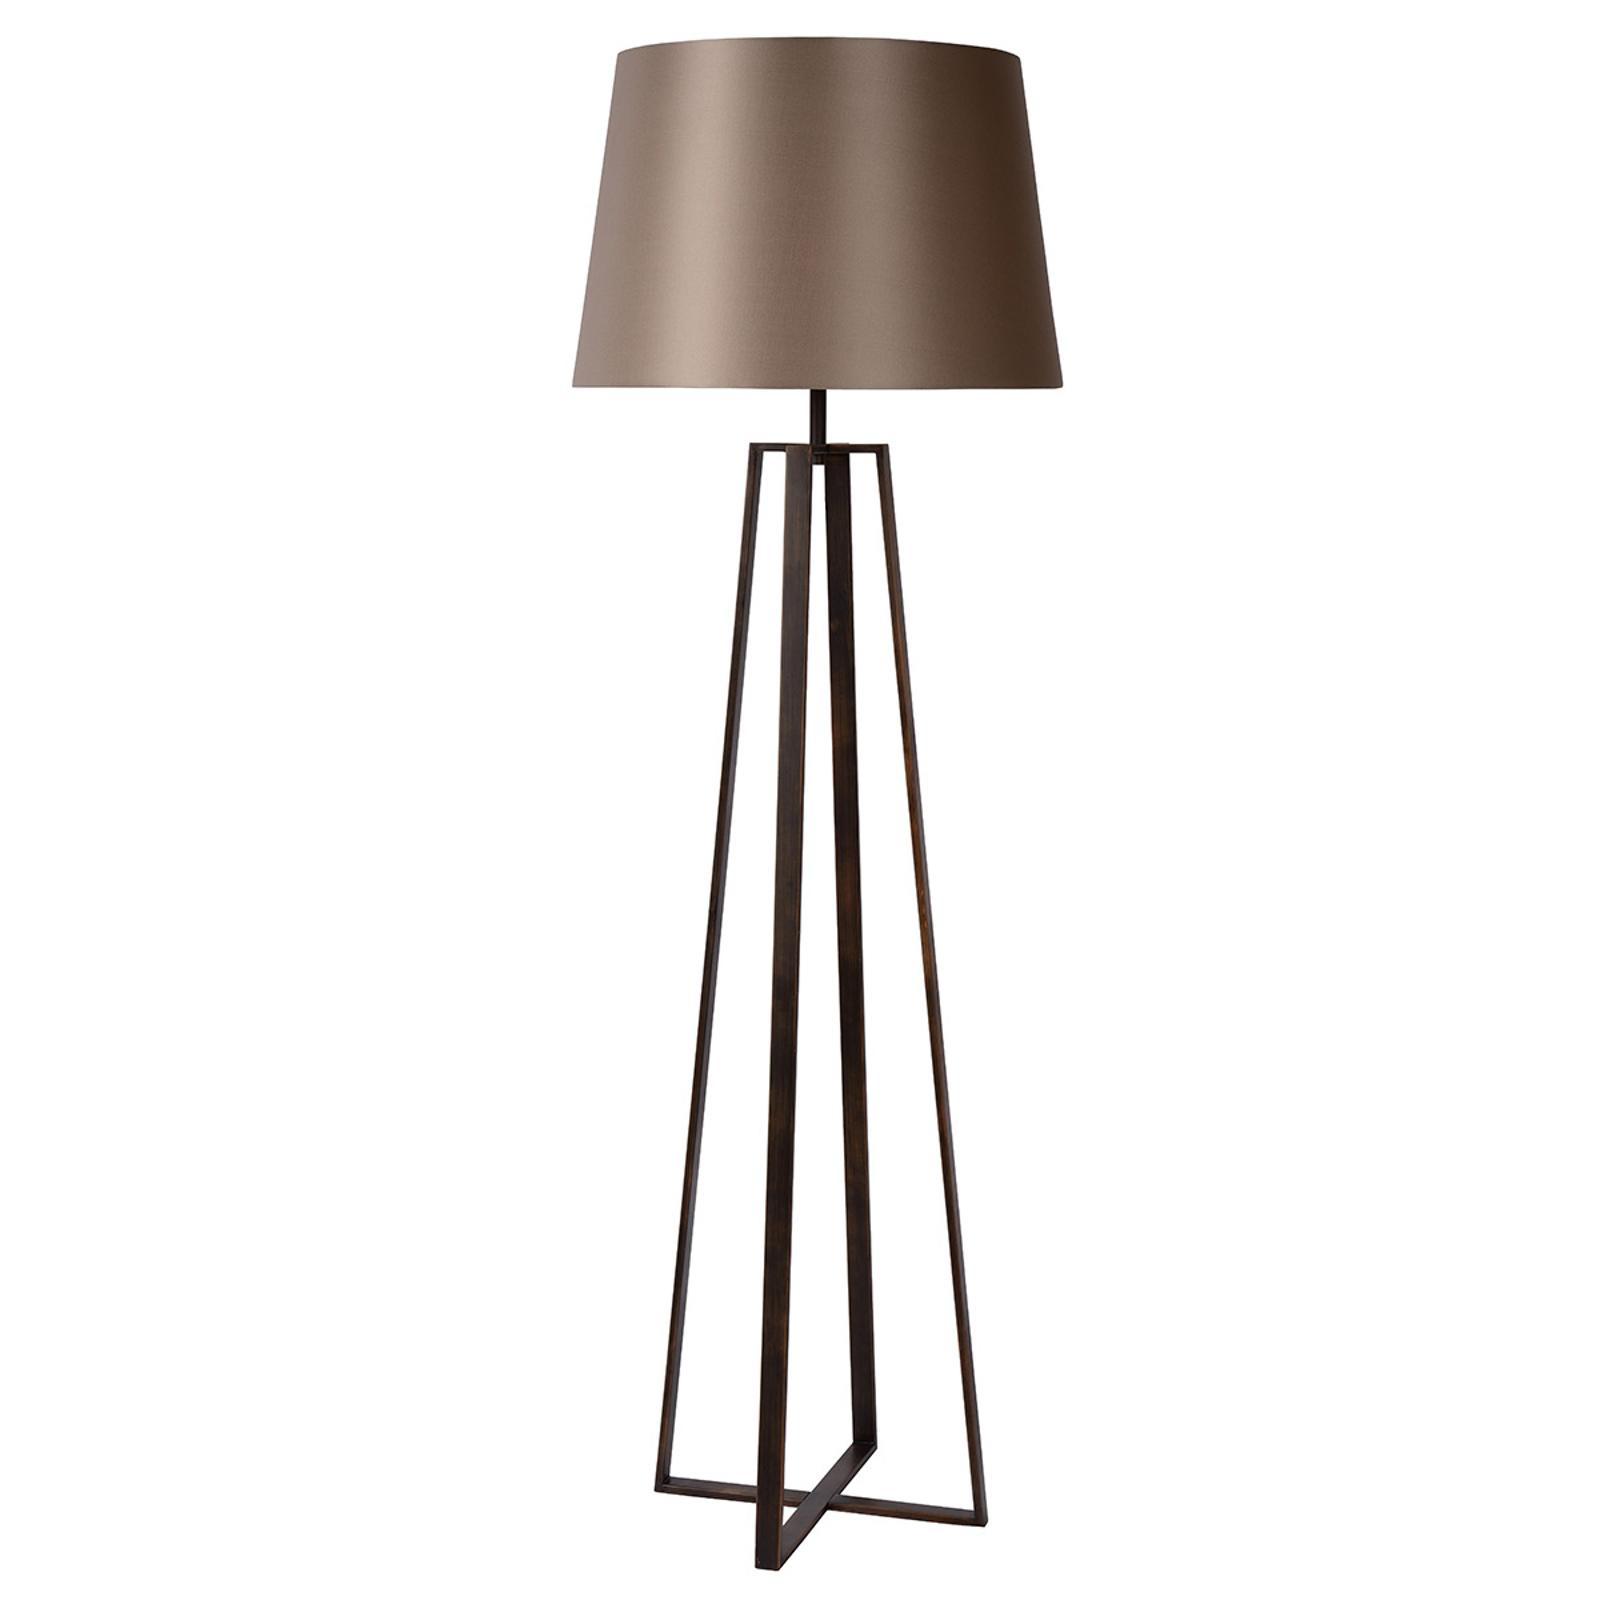 Rdzawobrązowa lampa stojąca COFFEE LAMP